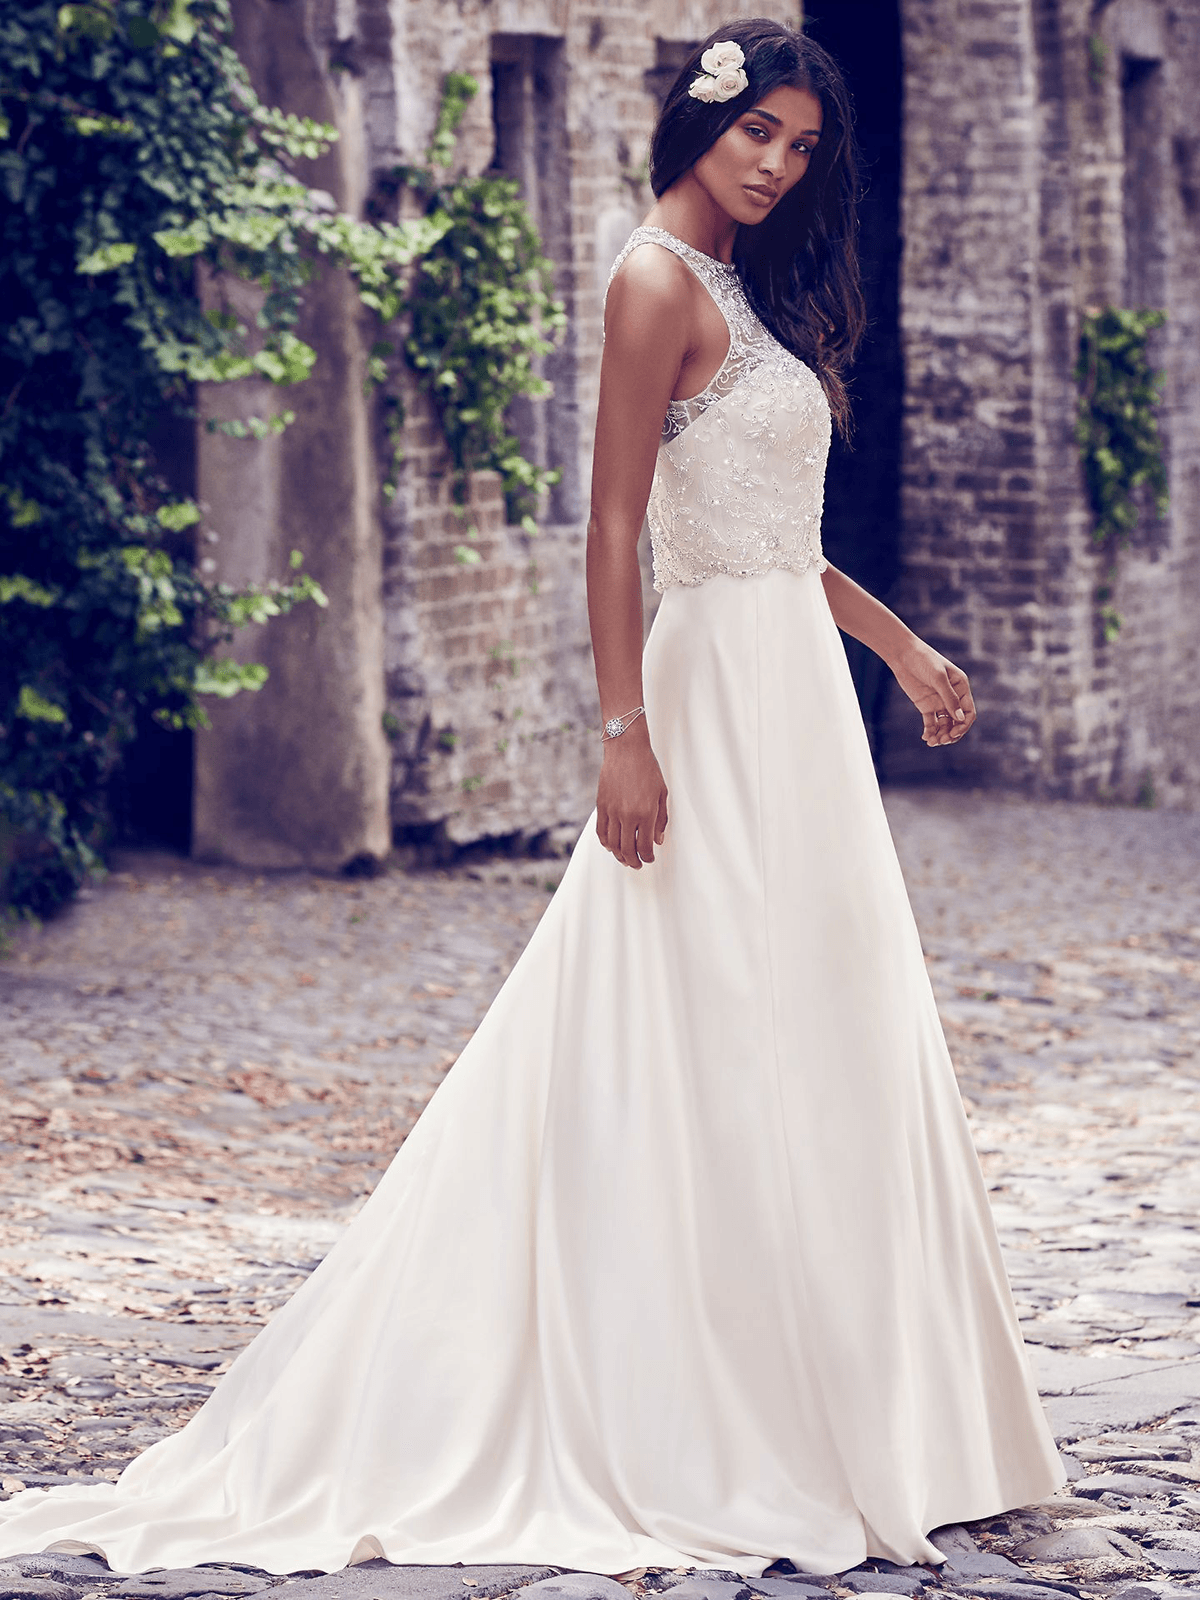 Maggie-Sottero-Wedding-Dress-Larkin-8MT450-Alt3